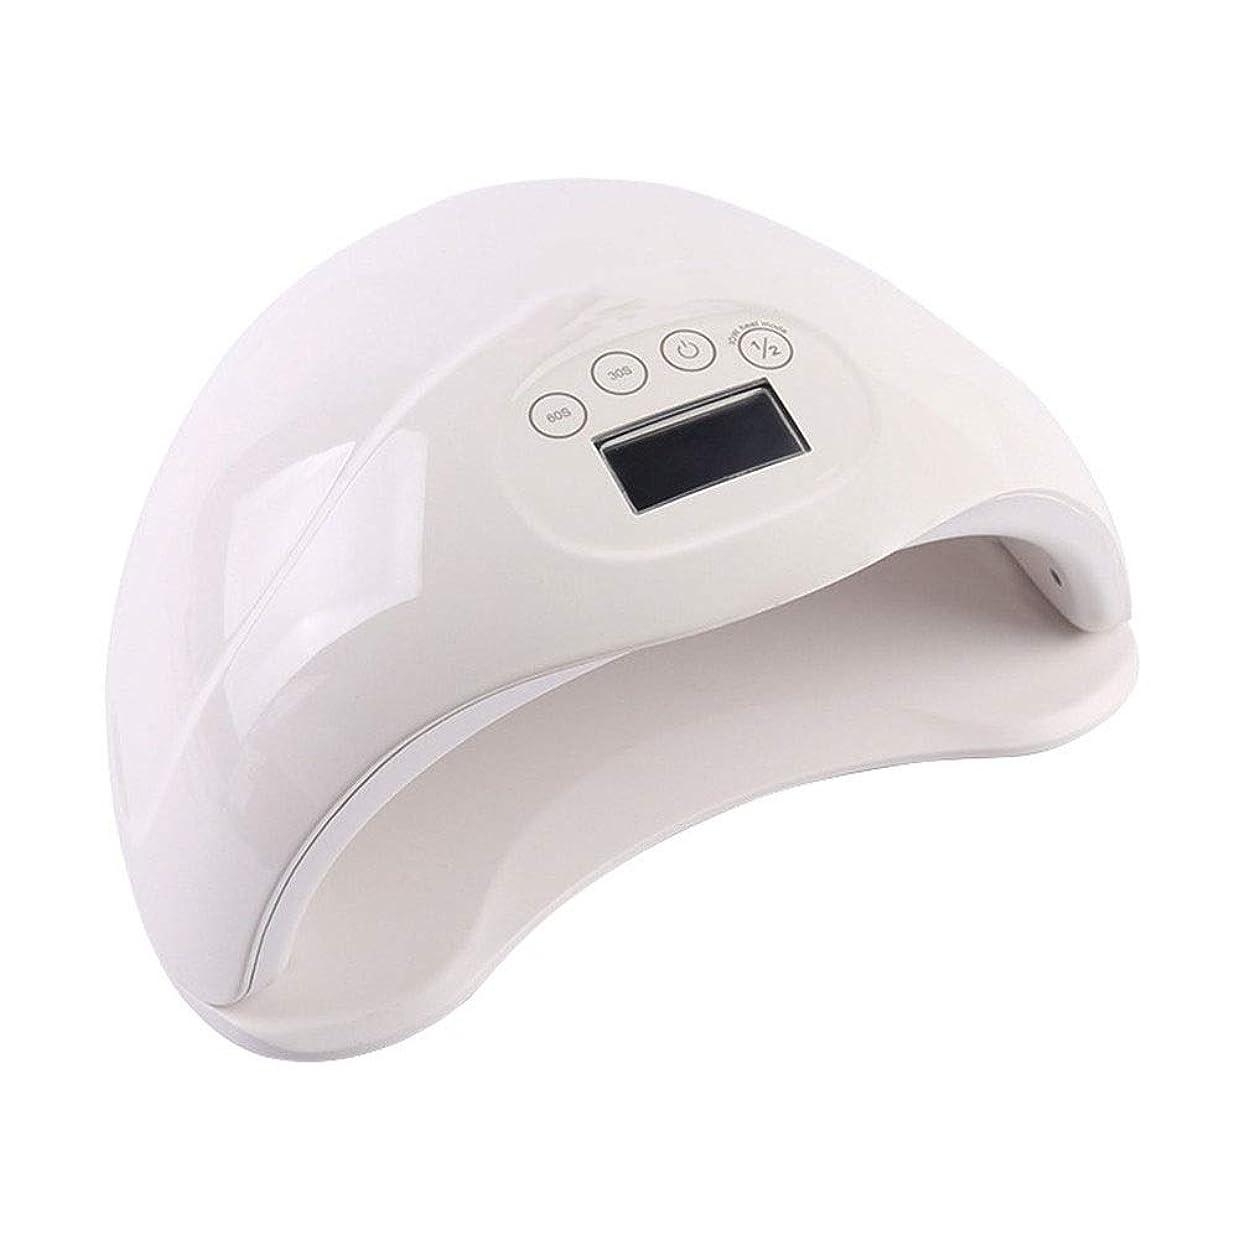 めんどり頼る試みLED UVランプのためのジェルネイルドライヤースマートセンサネイル硬化Light30 / 60代時間簡単にキャリー(ホワイト) (Color : White, Size : EU)